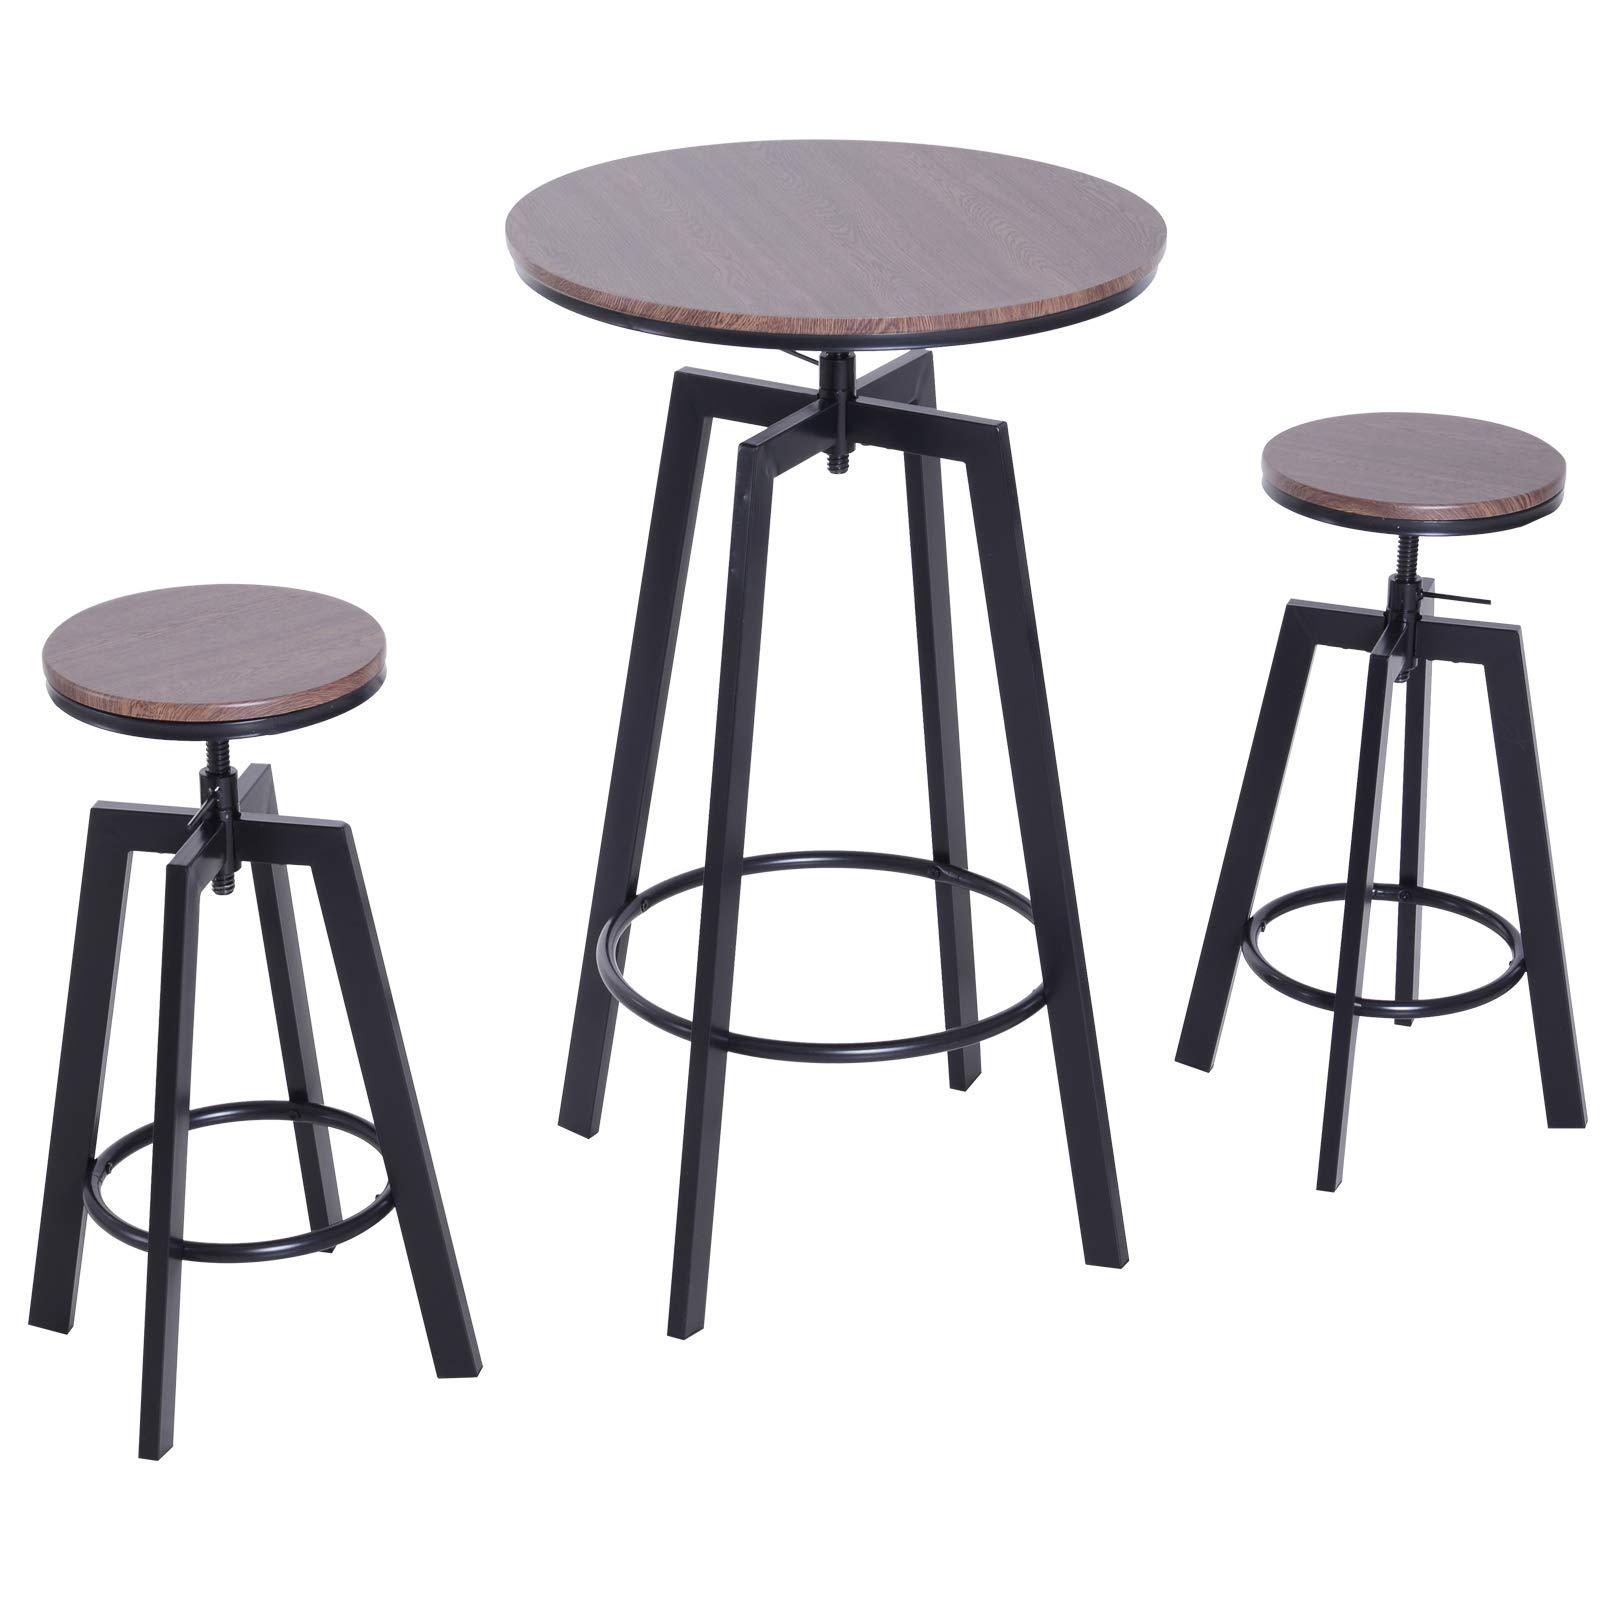 HOMCOM 3-teilige Essgruppe Sitzgruppe Esstisch Bistrotisch Bartisch Holztisch Holz + Metall dunkle Naturholzoptik + Schwarz mit 1 Tisch + 2 Hockern 1